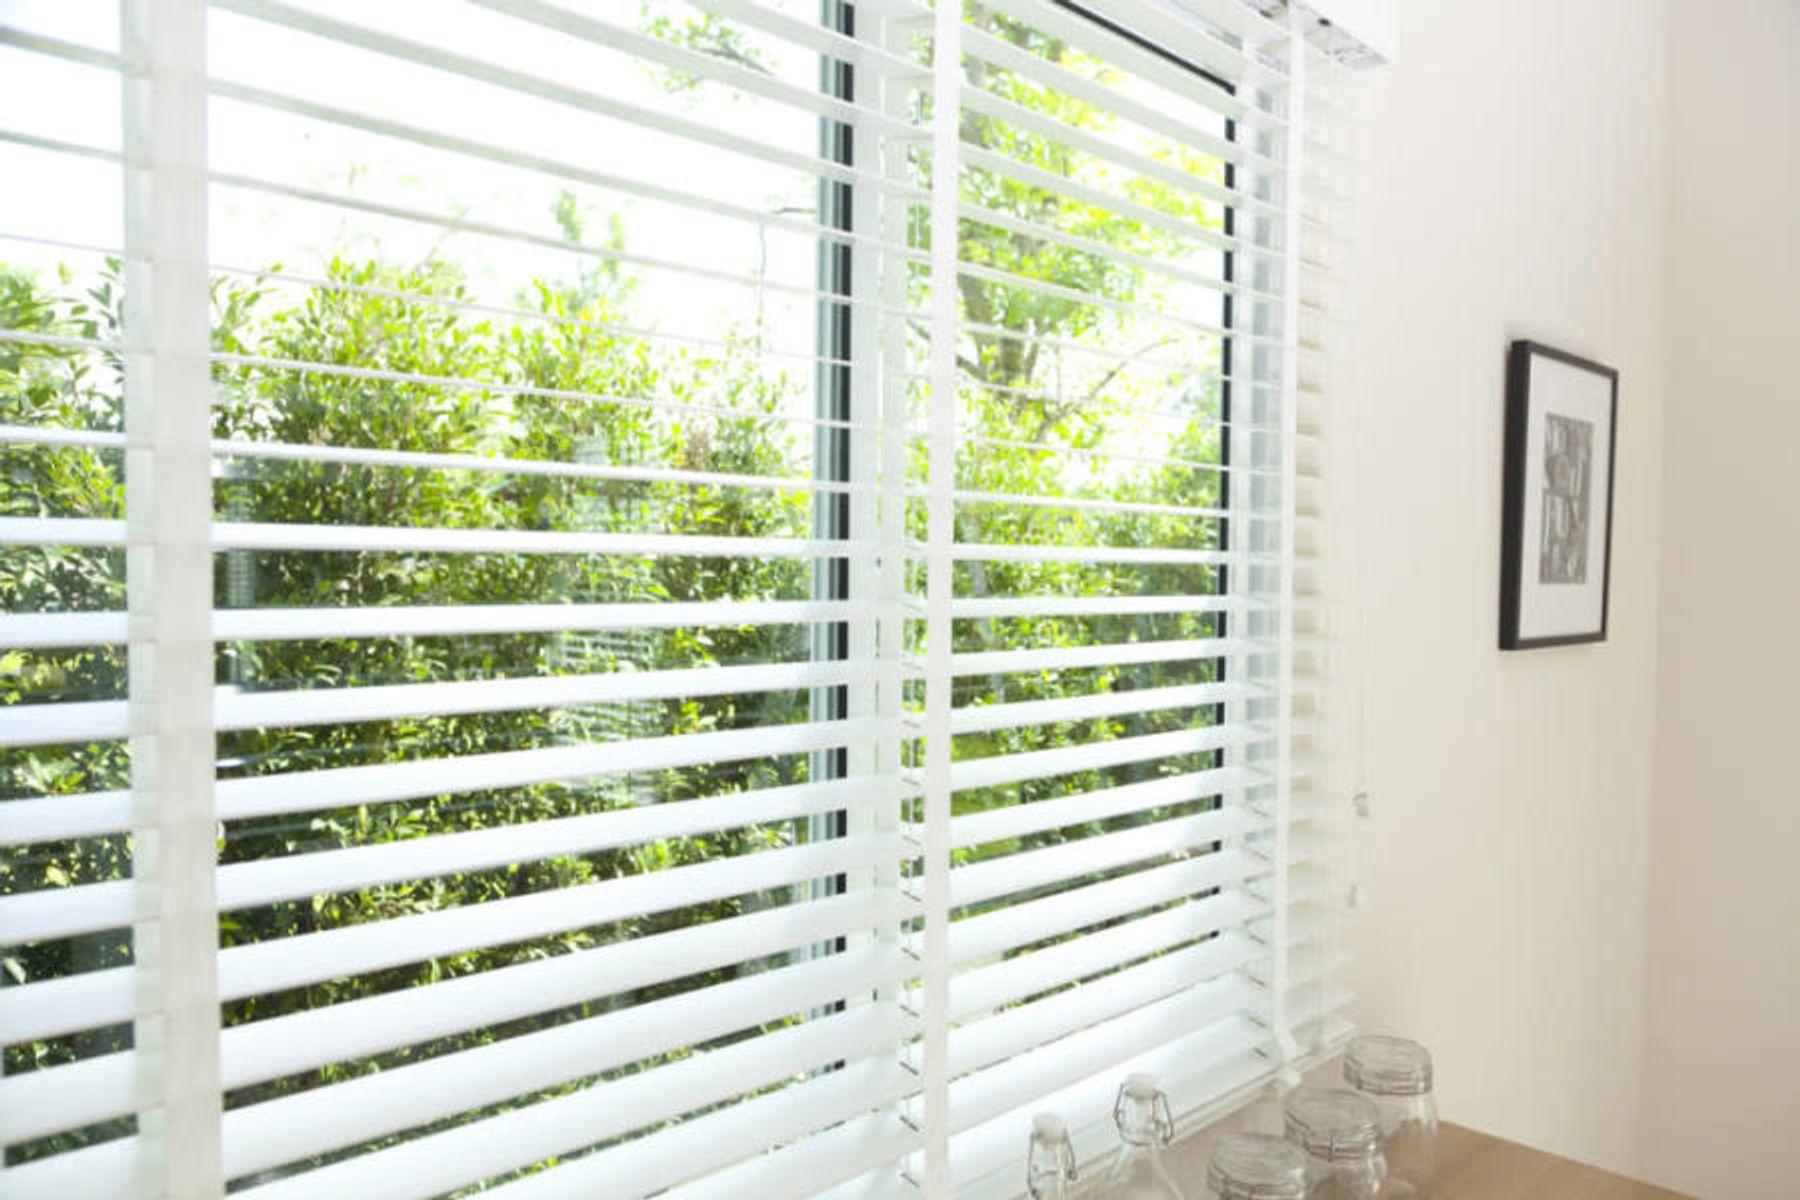 Step 5: Ağaçlara bakan bir pencerede asılı jaluzi perde